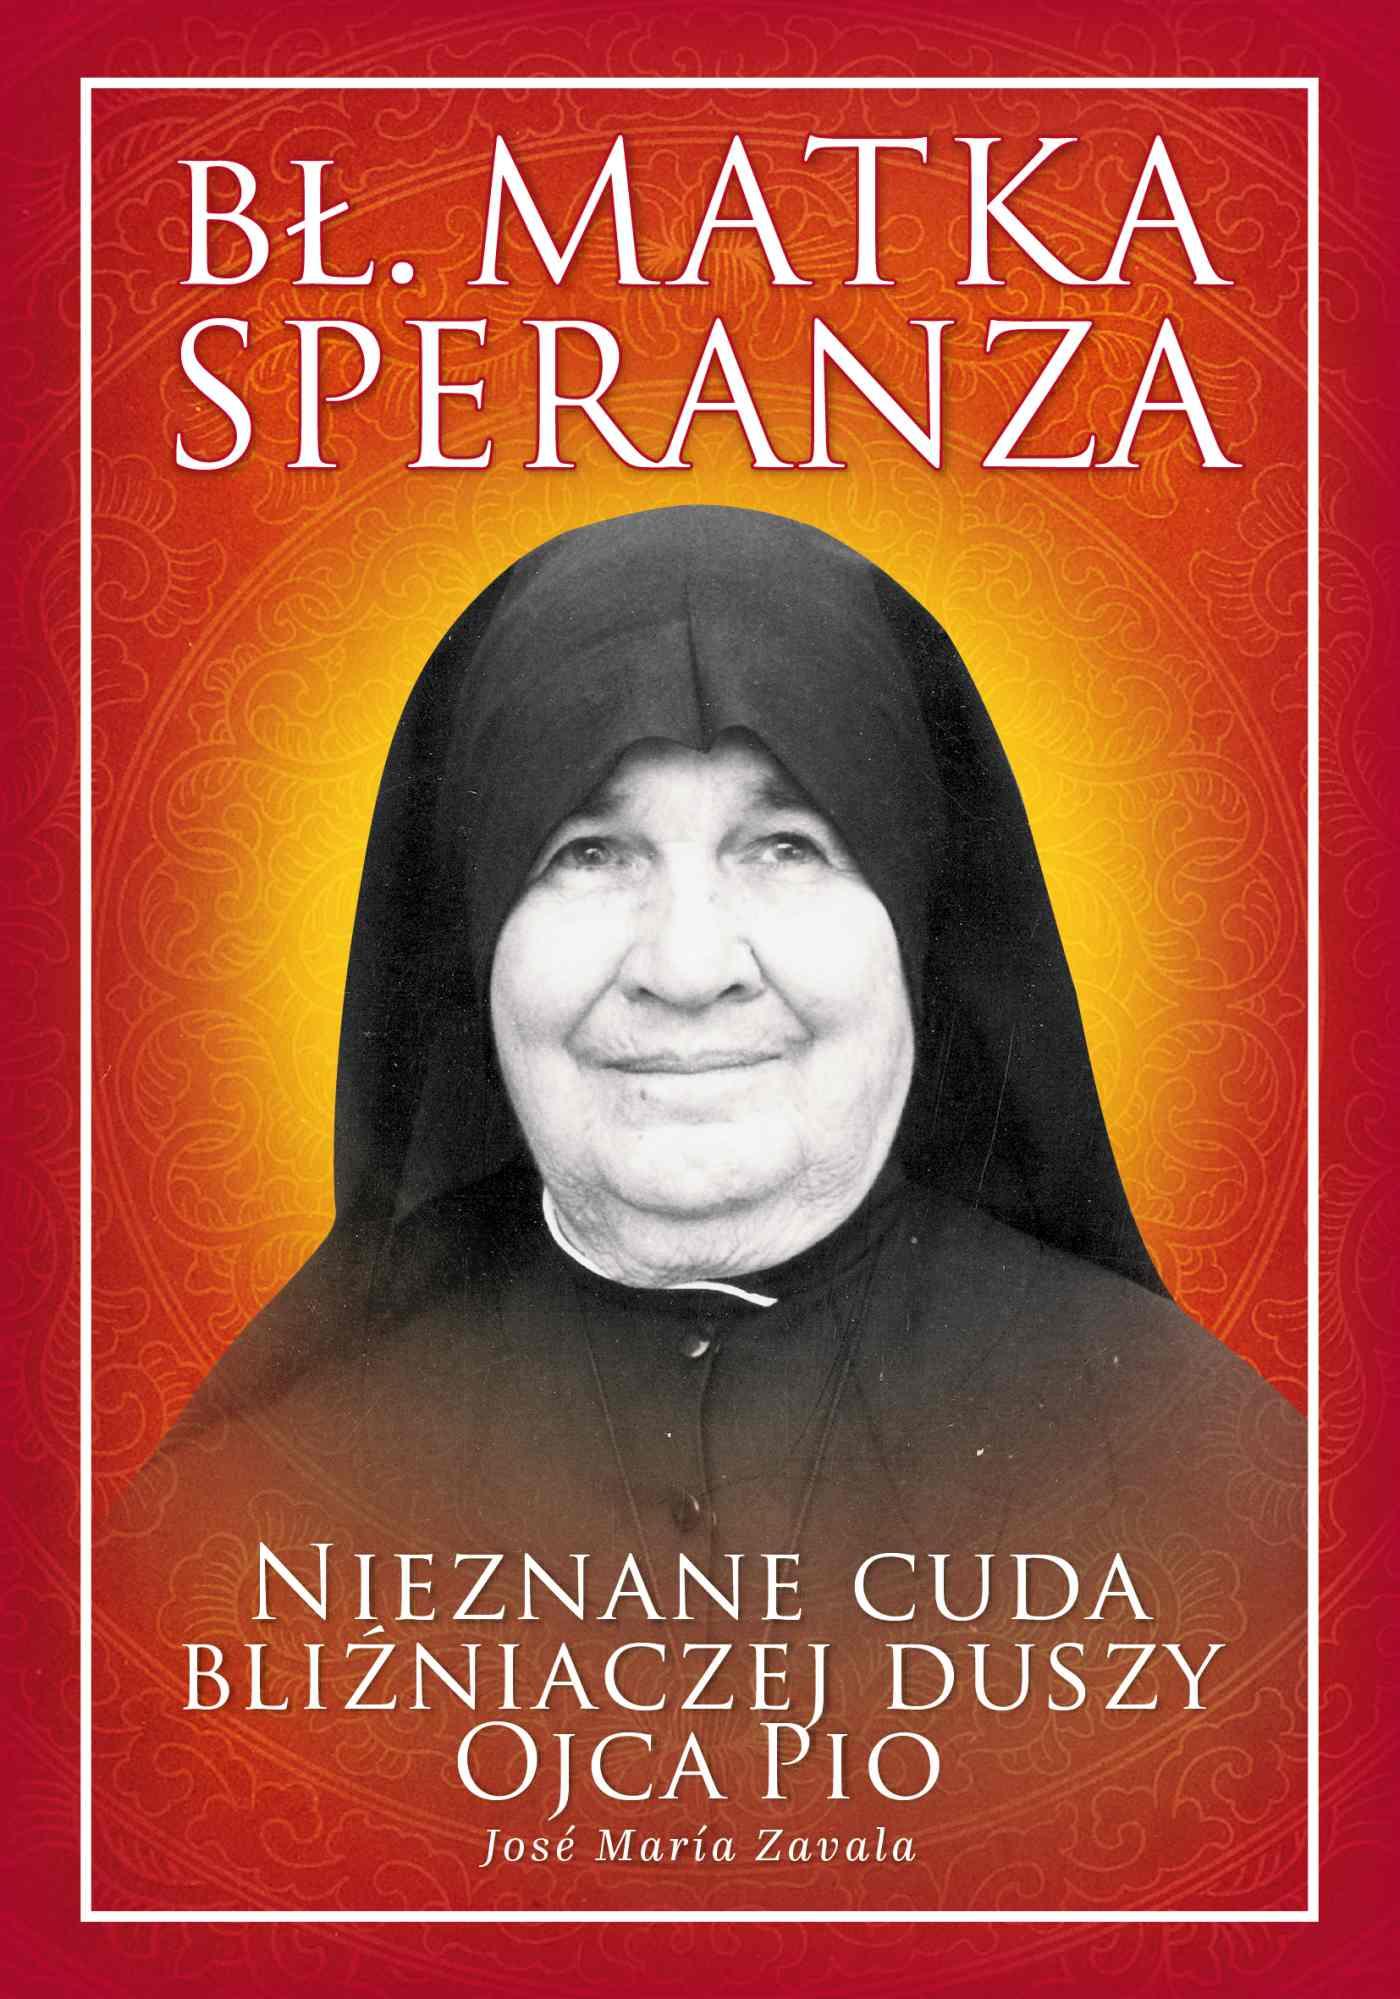 Bł. Matka Speranza. Nieznane cuda bliźniaczej duszy ojca Pio - Audiobook (Książka audio MP3) do pobrania w całości w archiwum ZIP